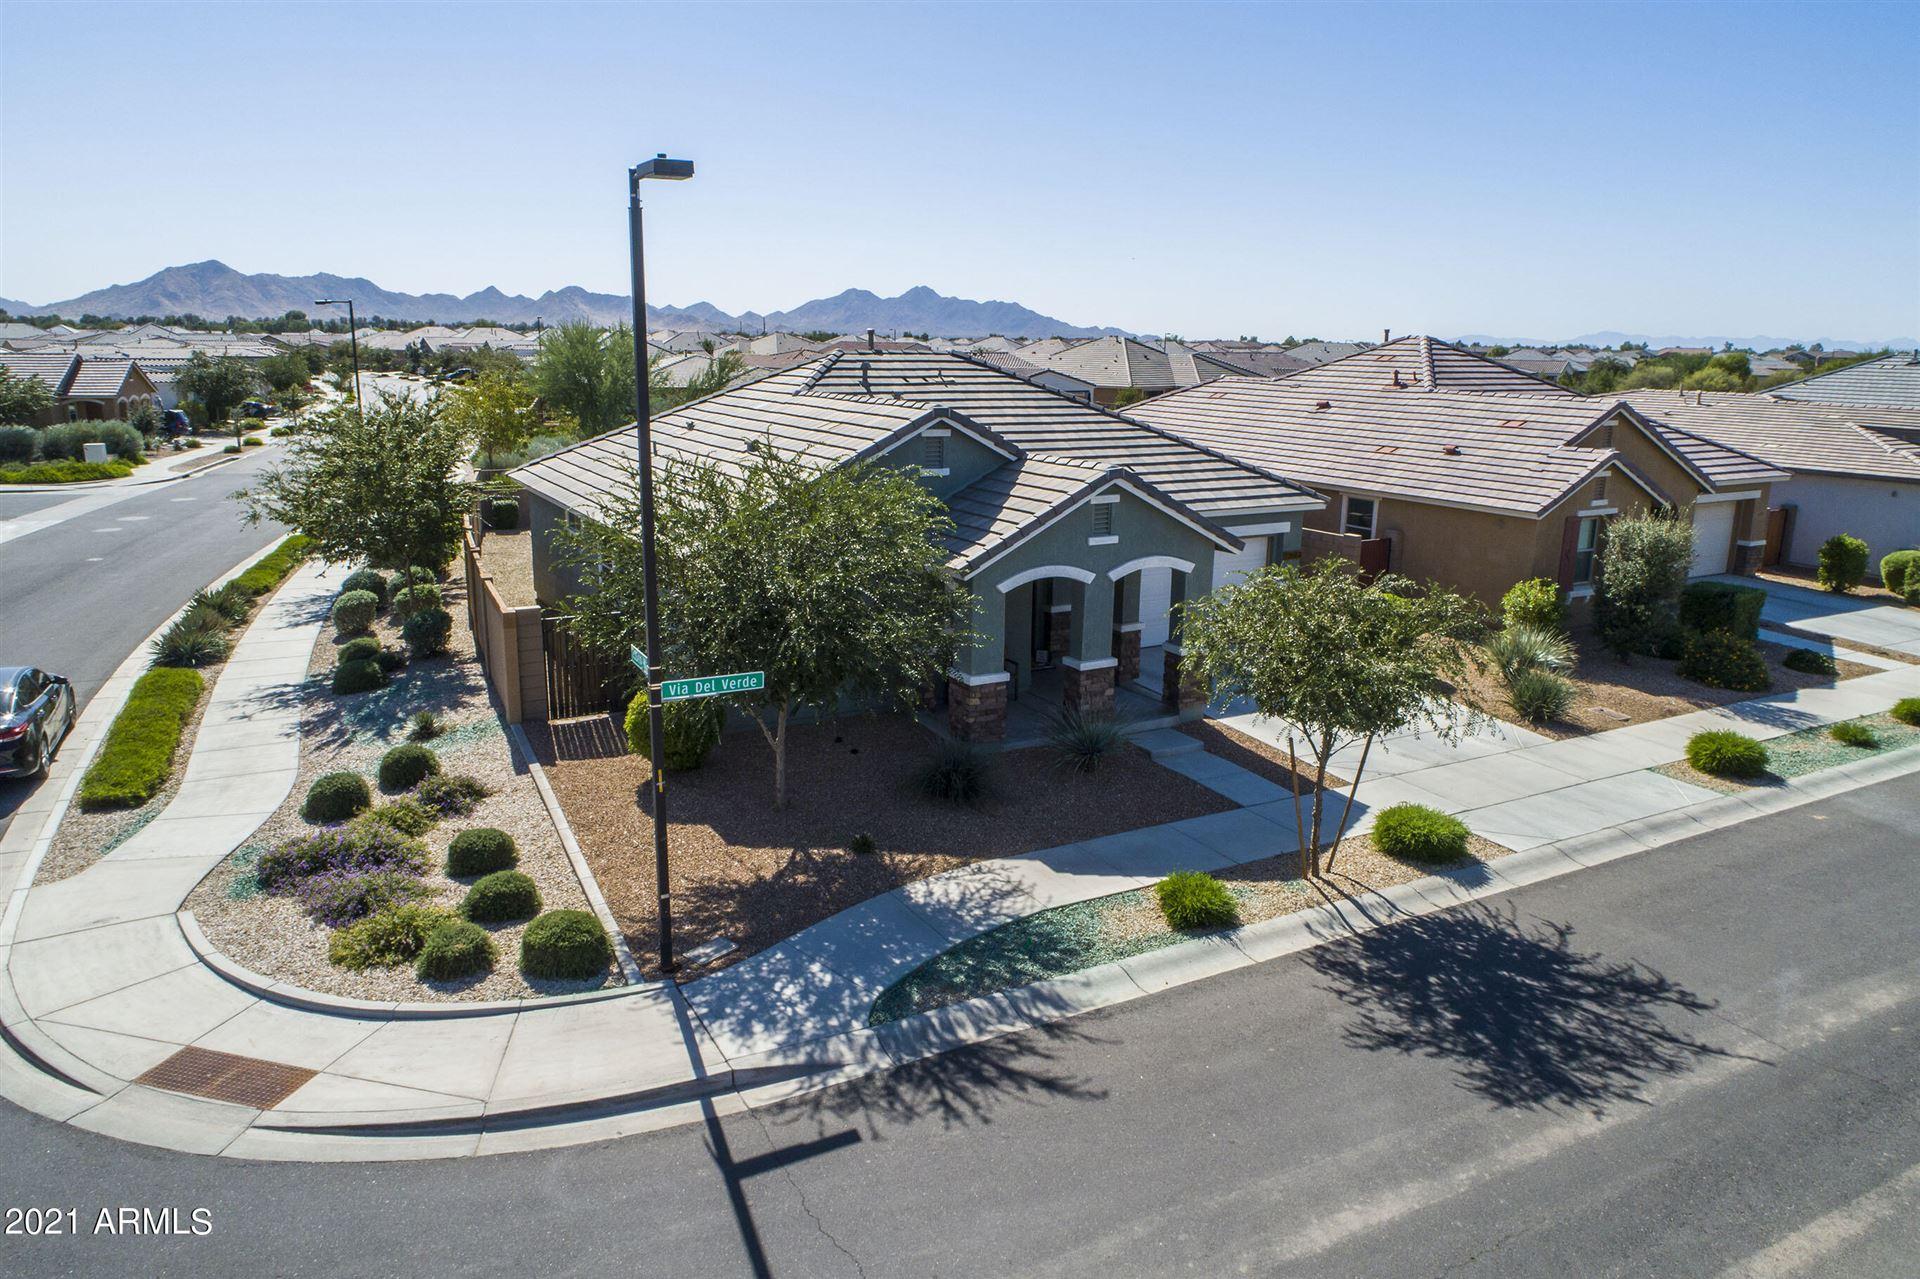 Photo of 22663 E VIA DEL VERDE --, Queen Creek, AZ 85142 (MLS # 6306950)